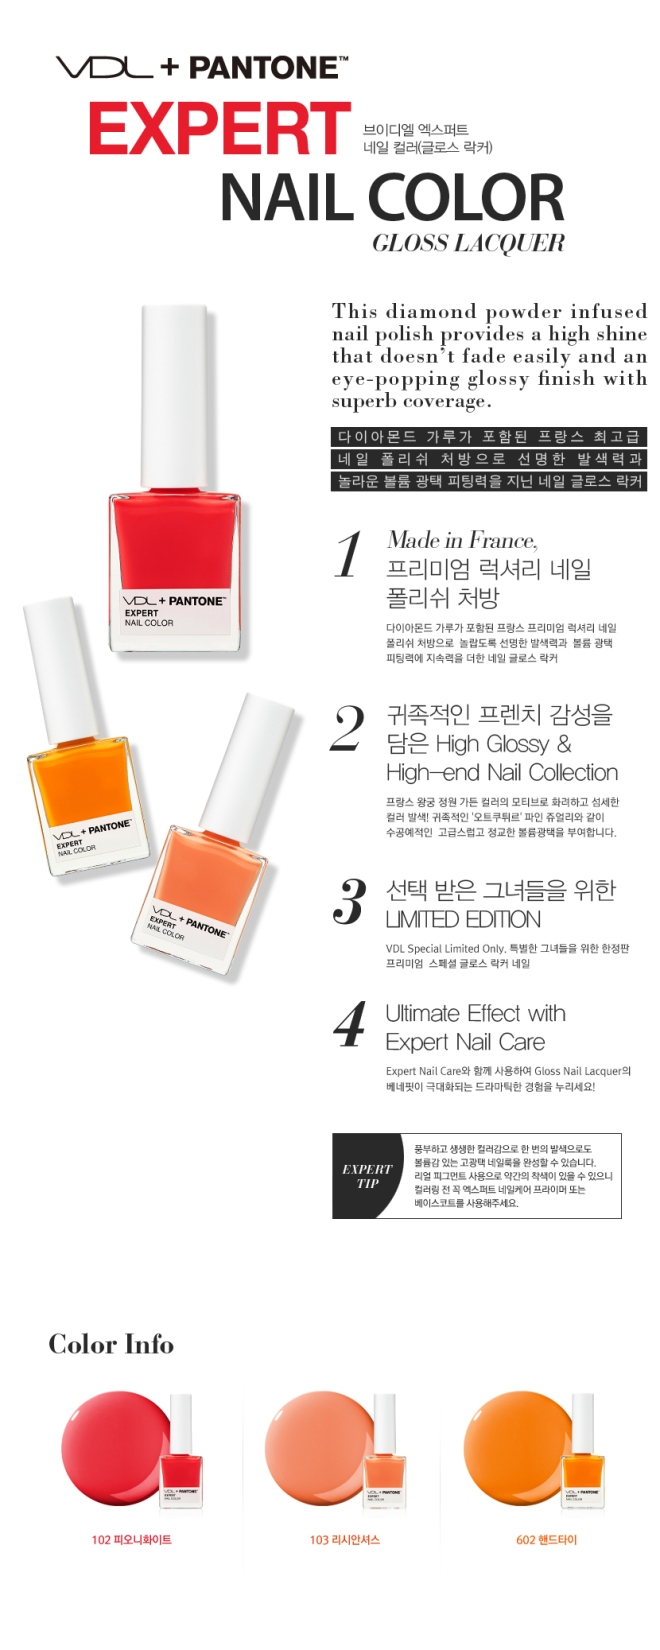 Credit: VDL Korea website